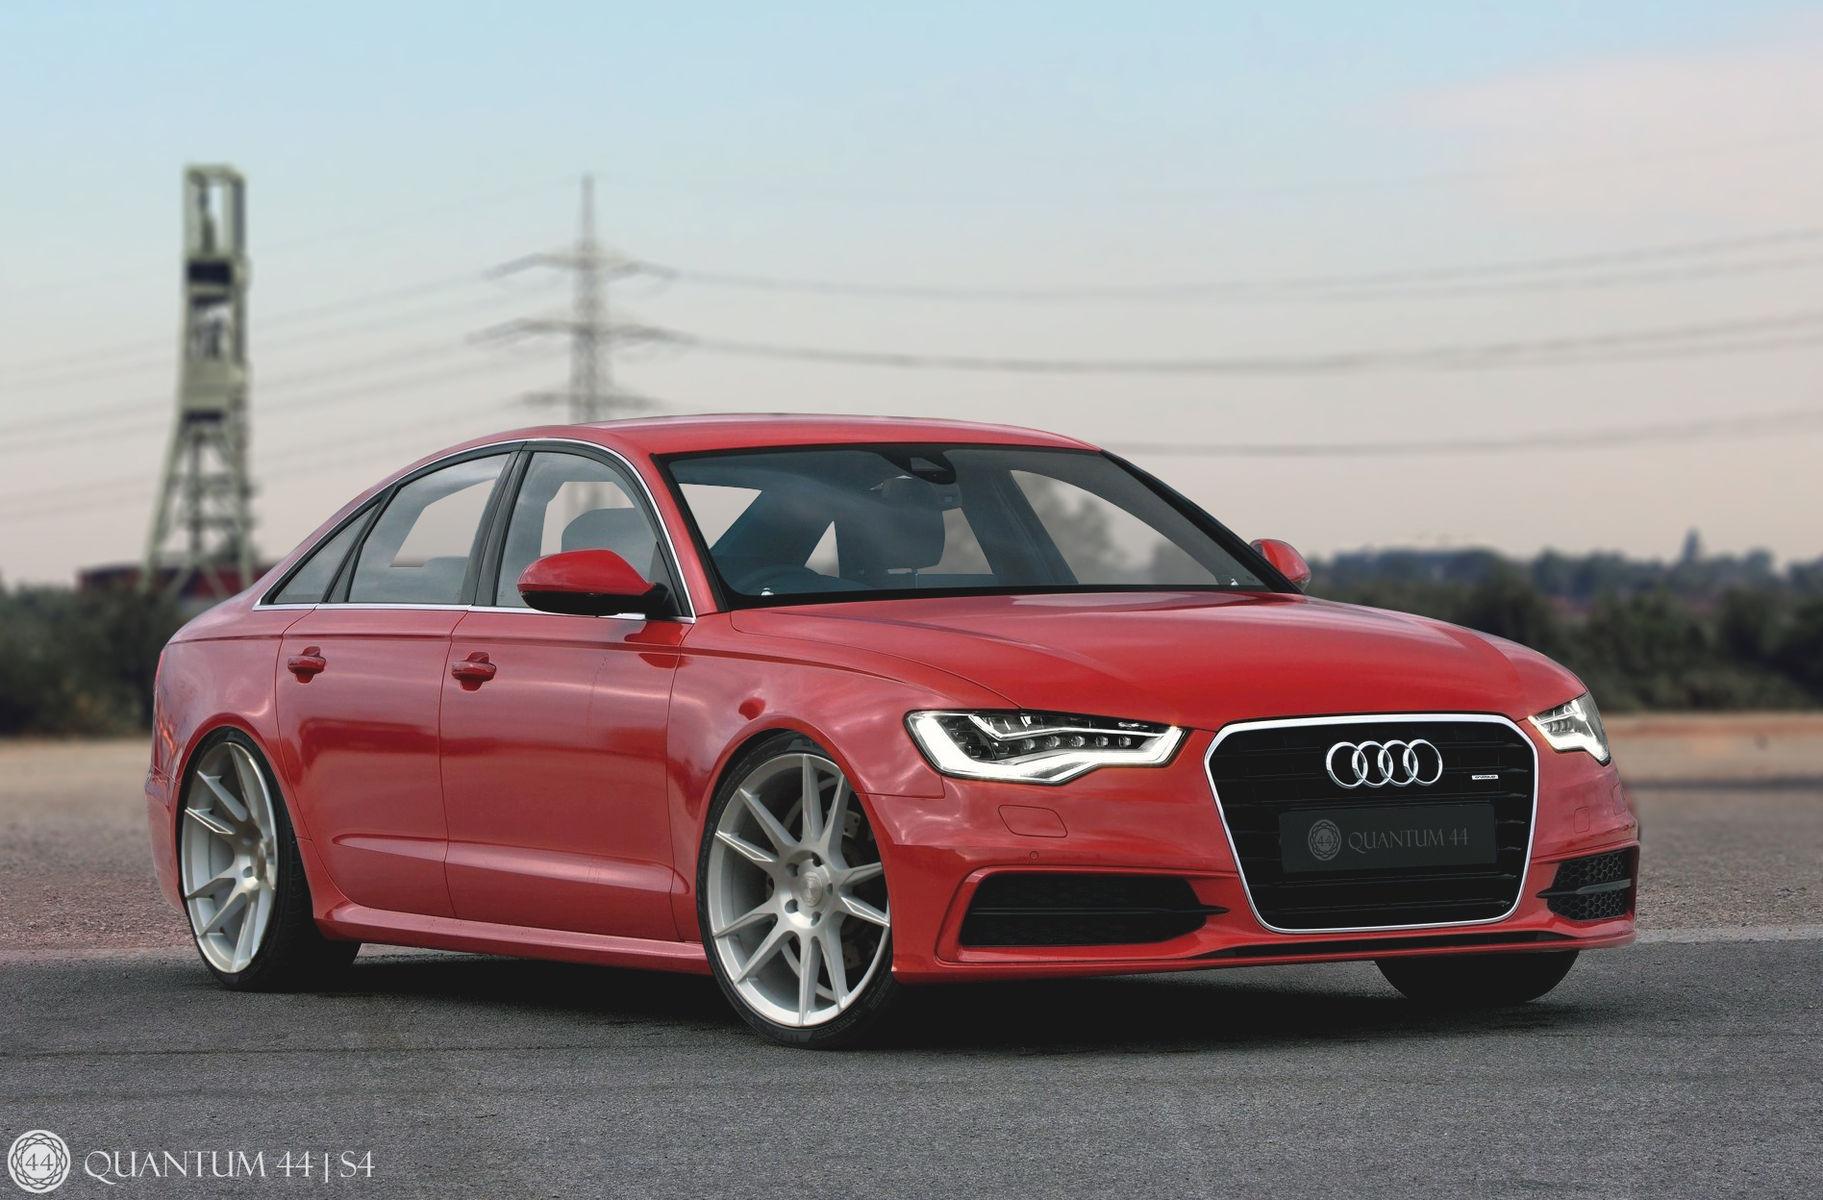 Audi A6 | Quantum44 S4 - Audi A6